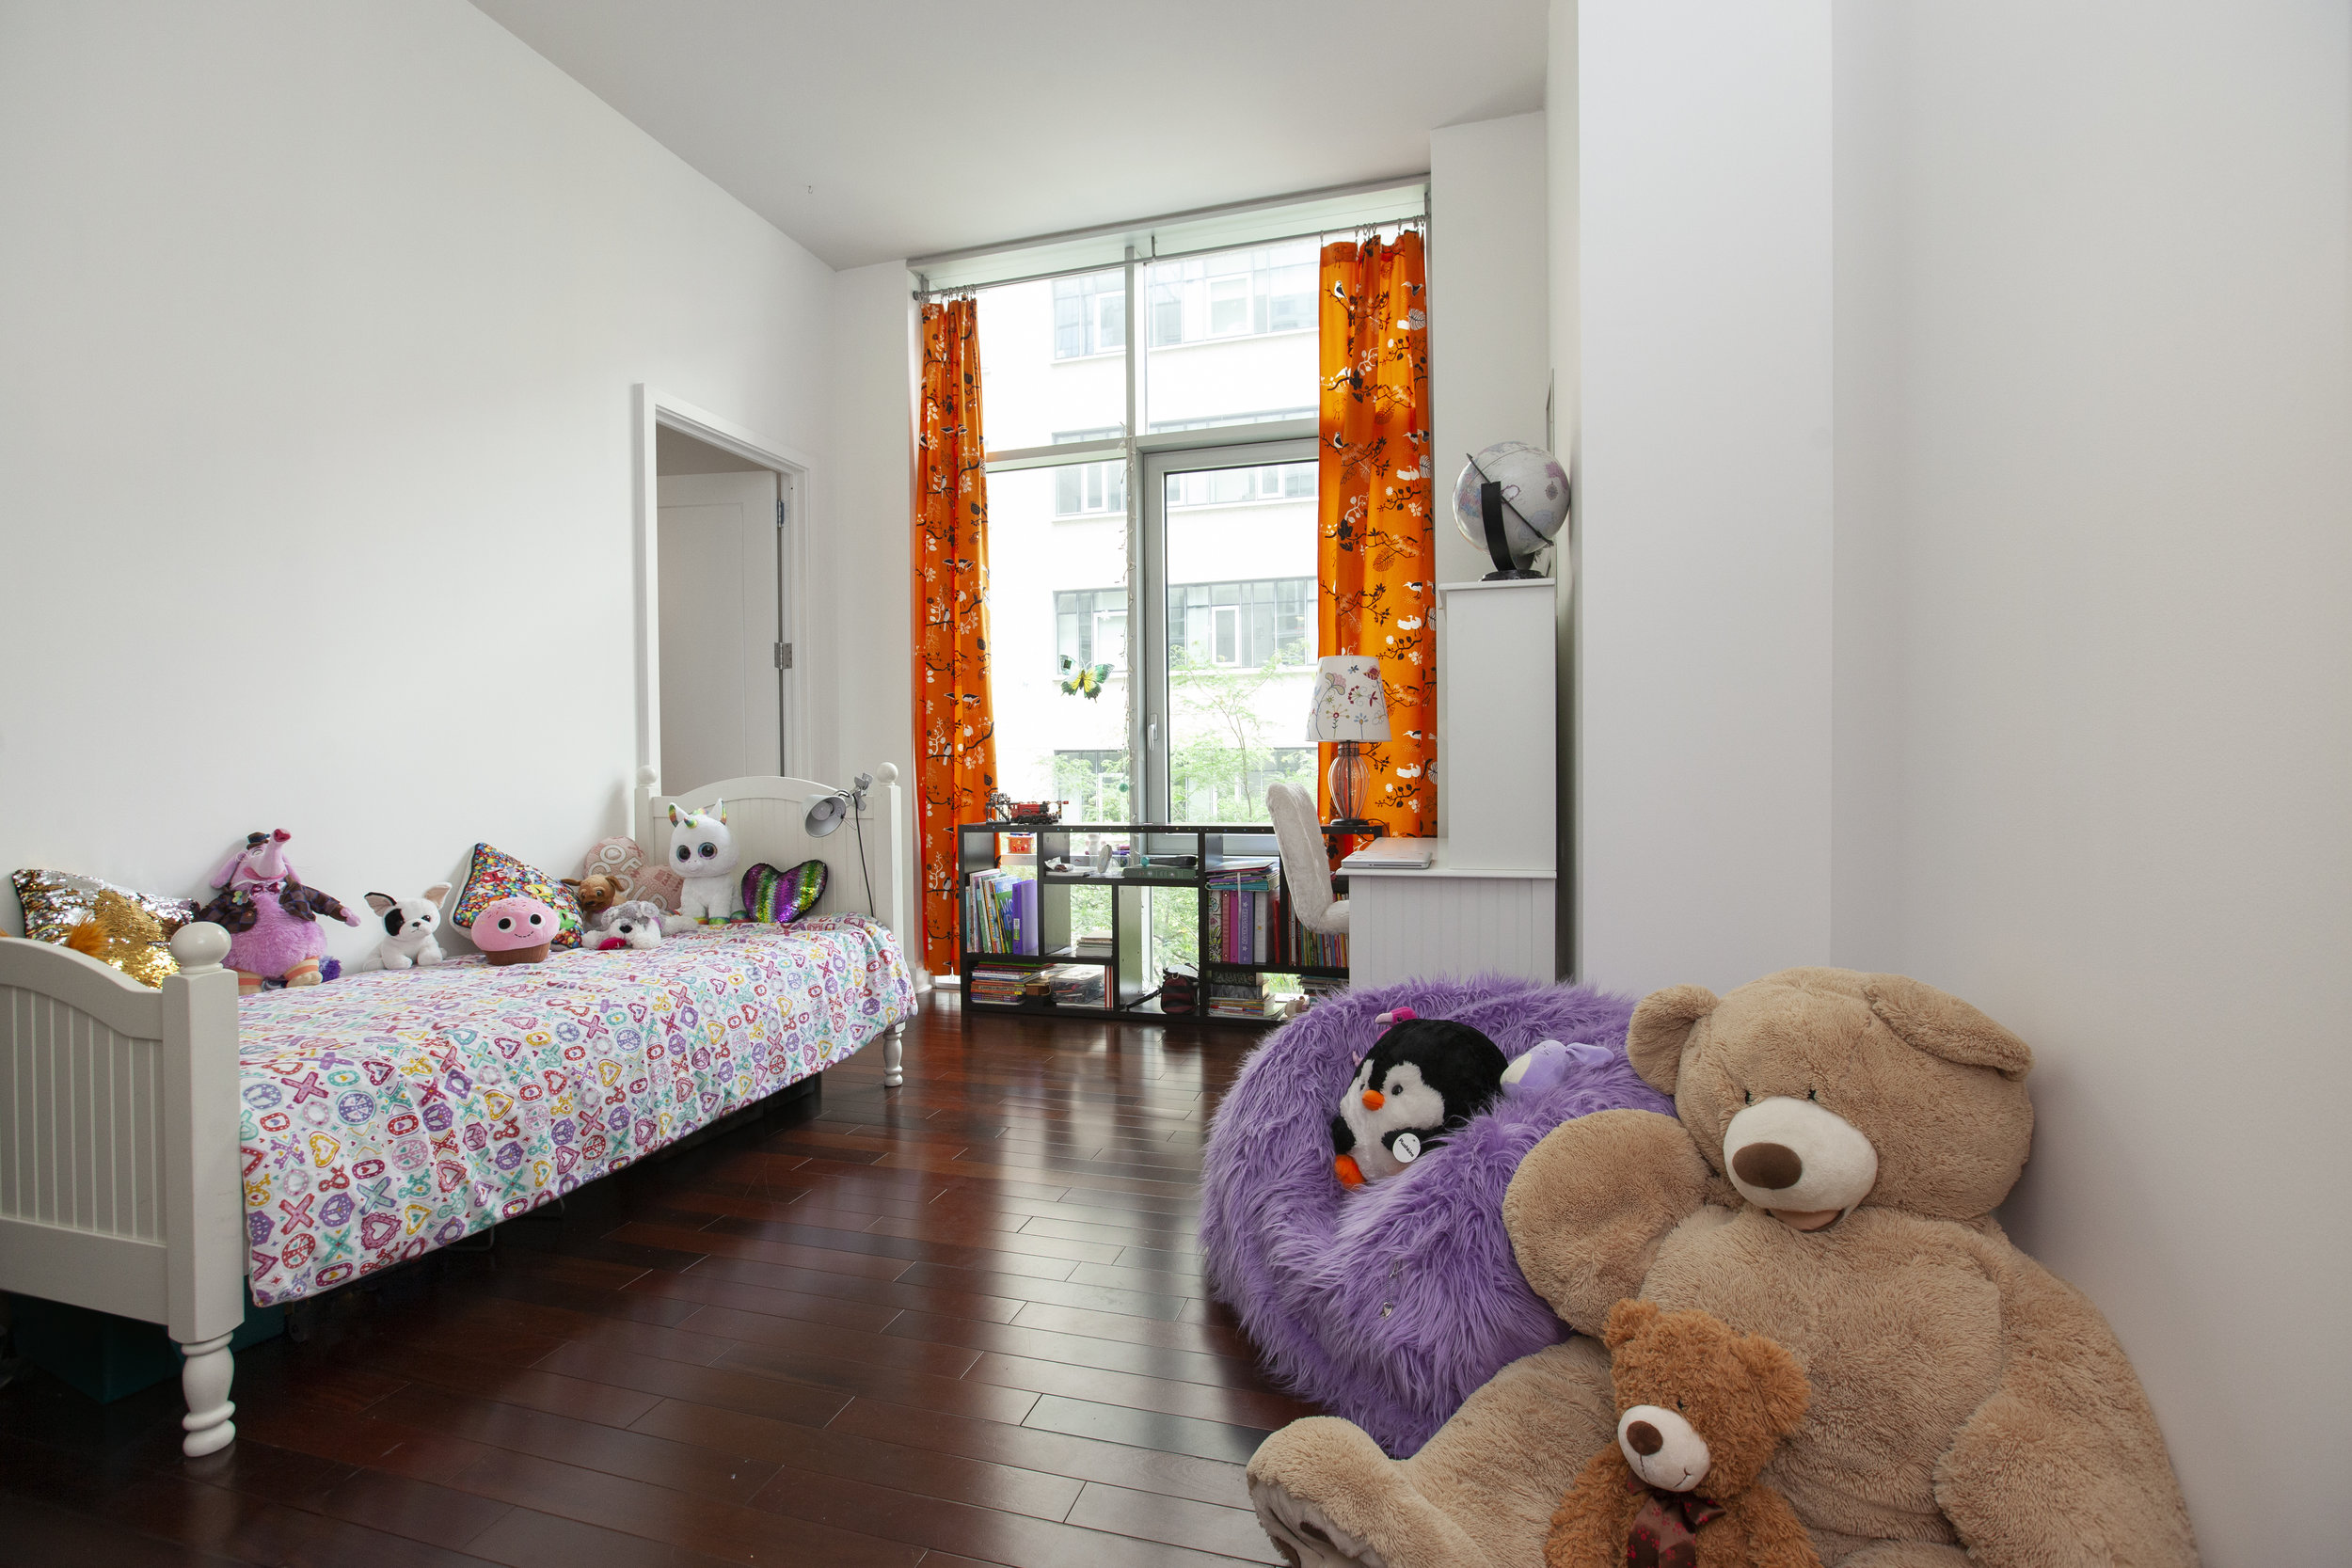 West_60th_Street_243_3A_Bedroom_ (1).jpg